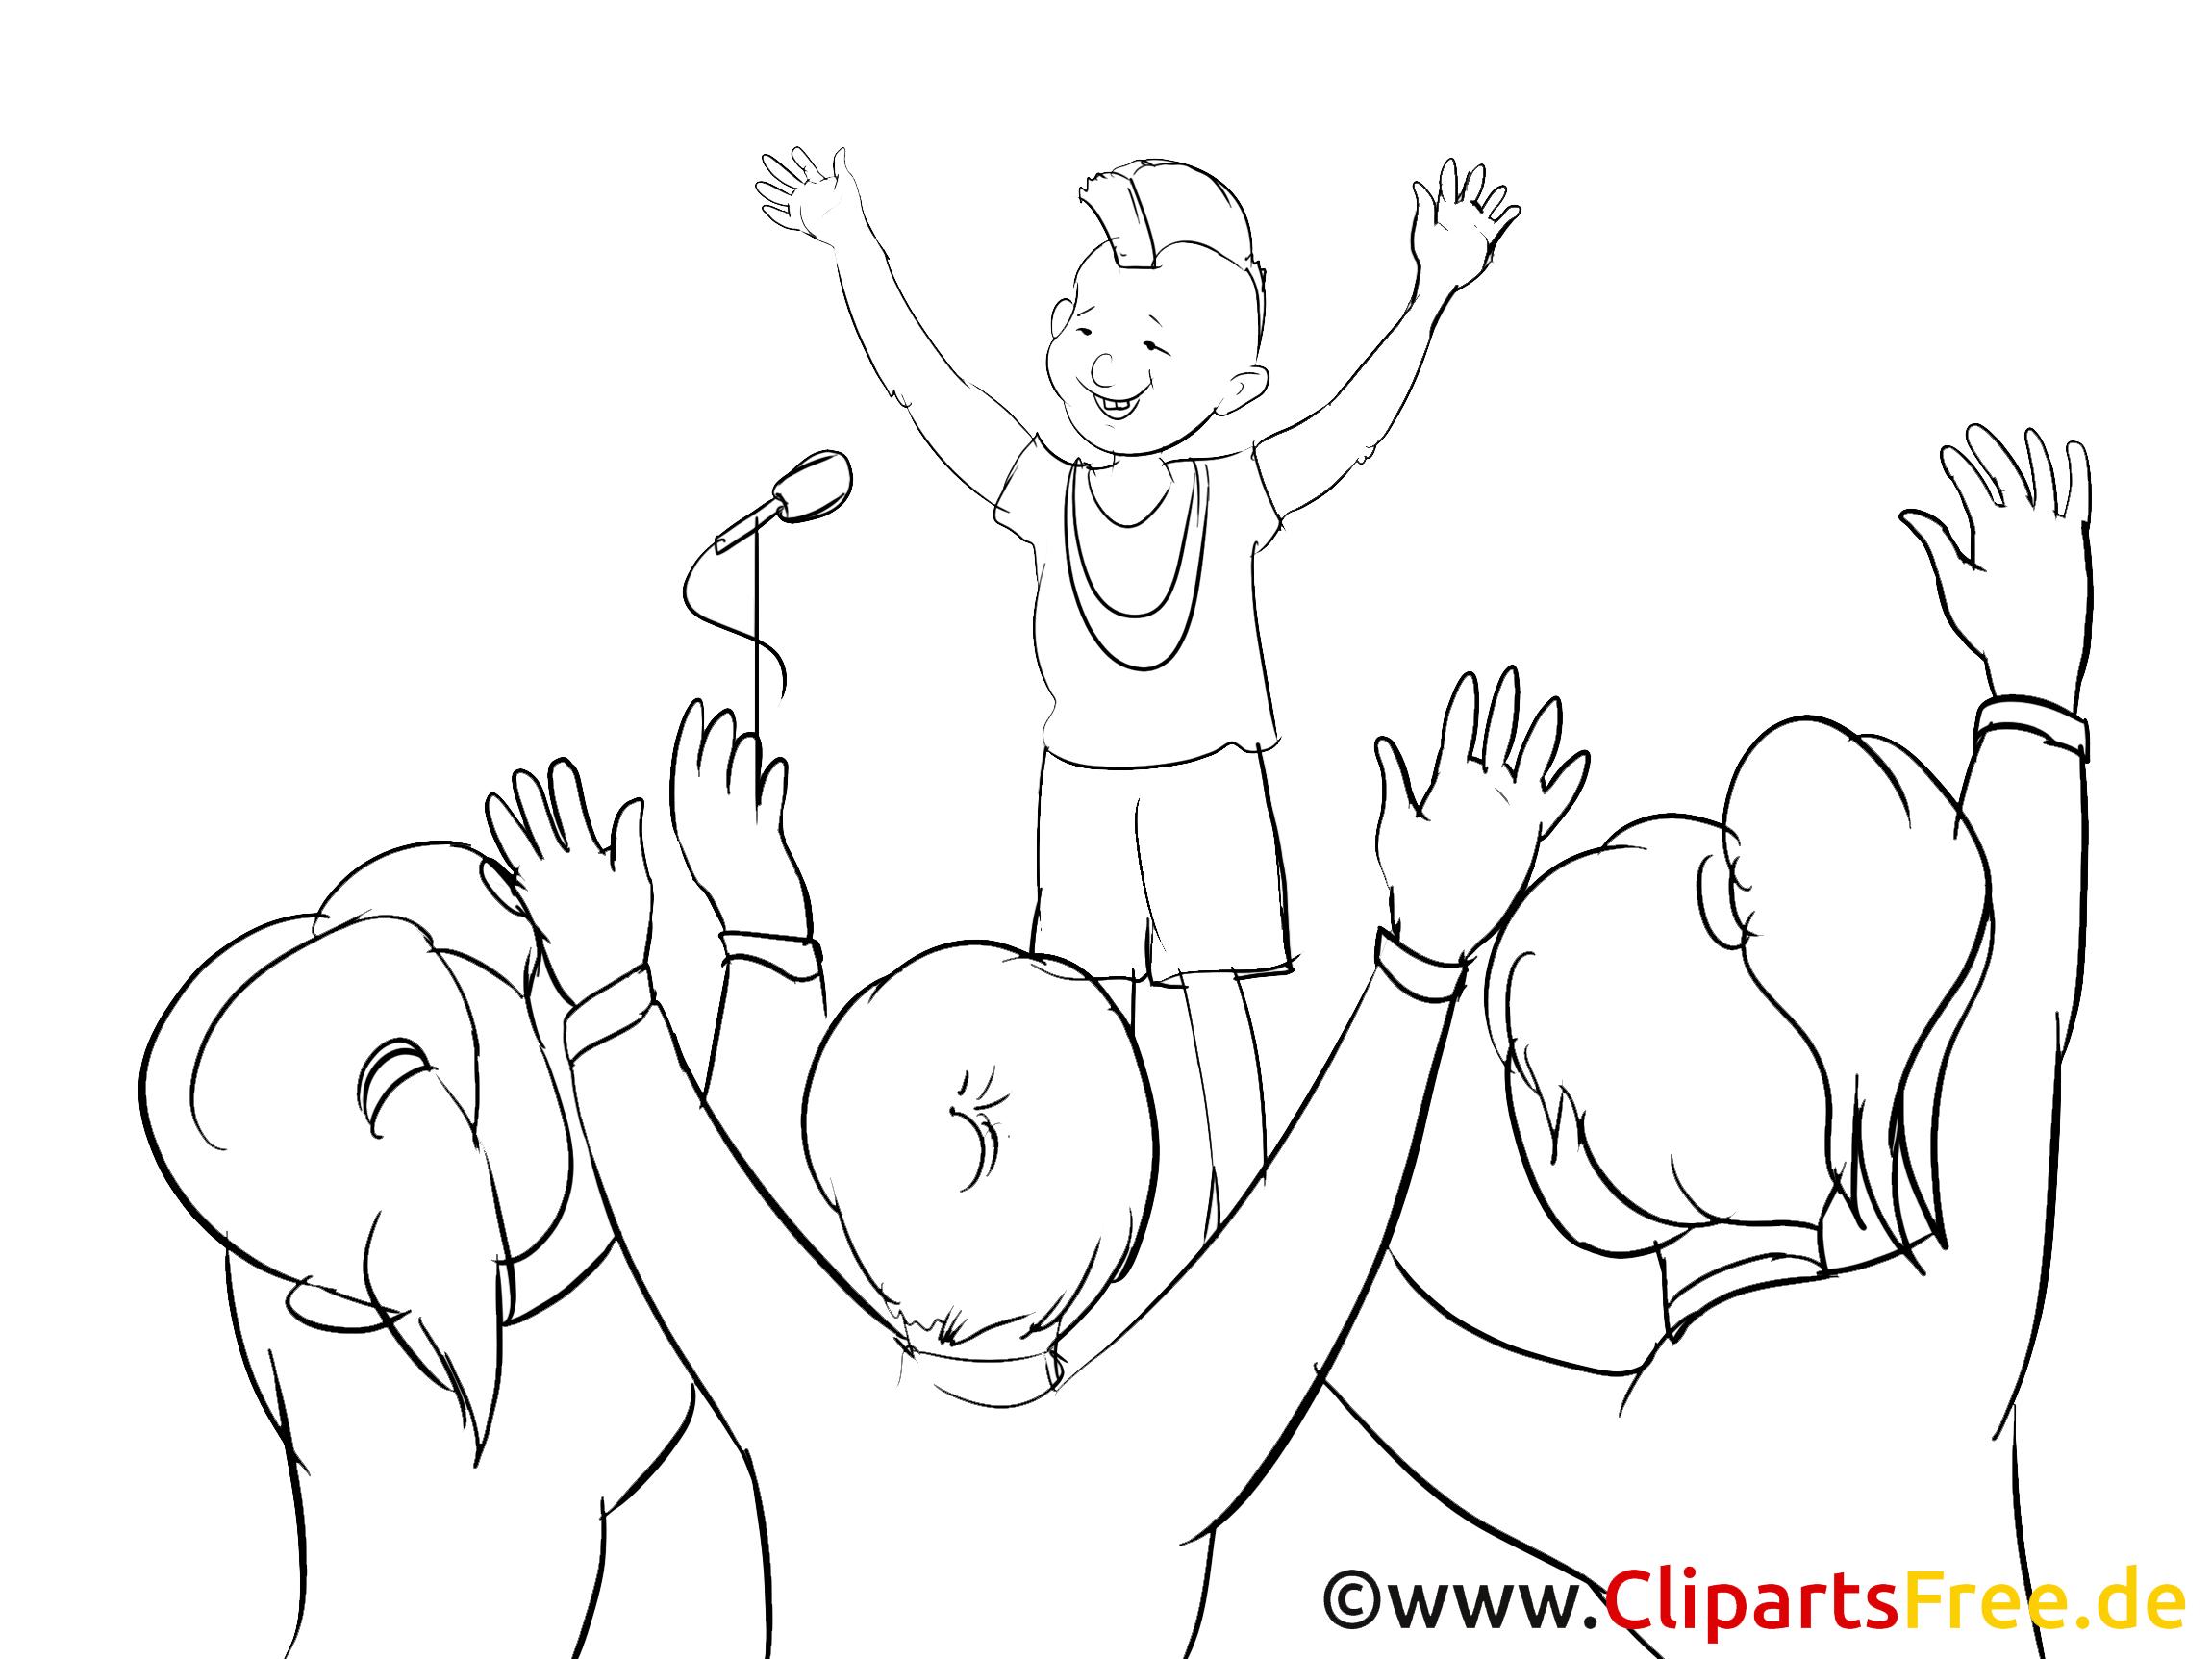 Seminaire dessin à colorier – Finances cliparts à télécharger